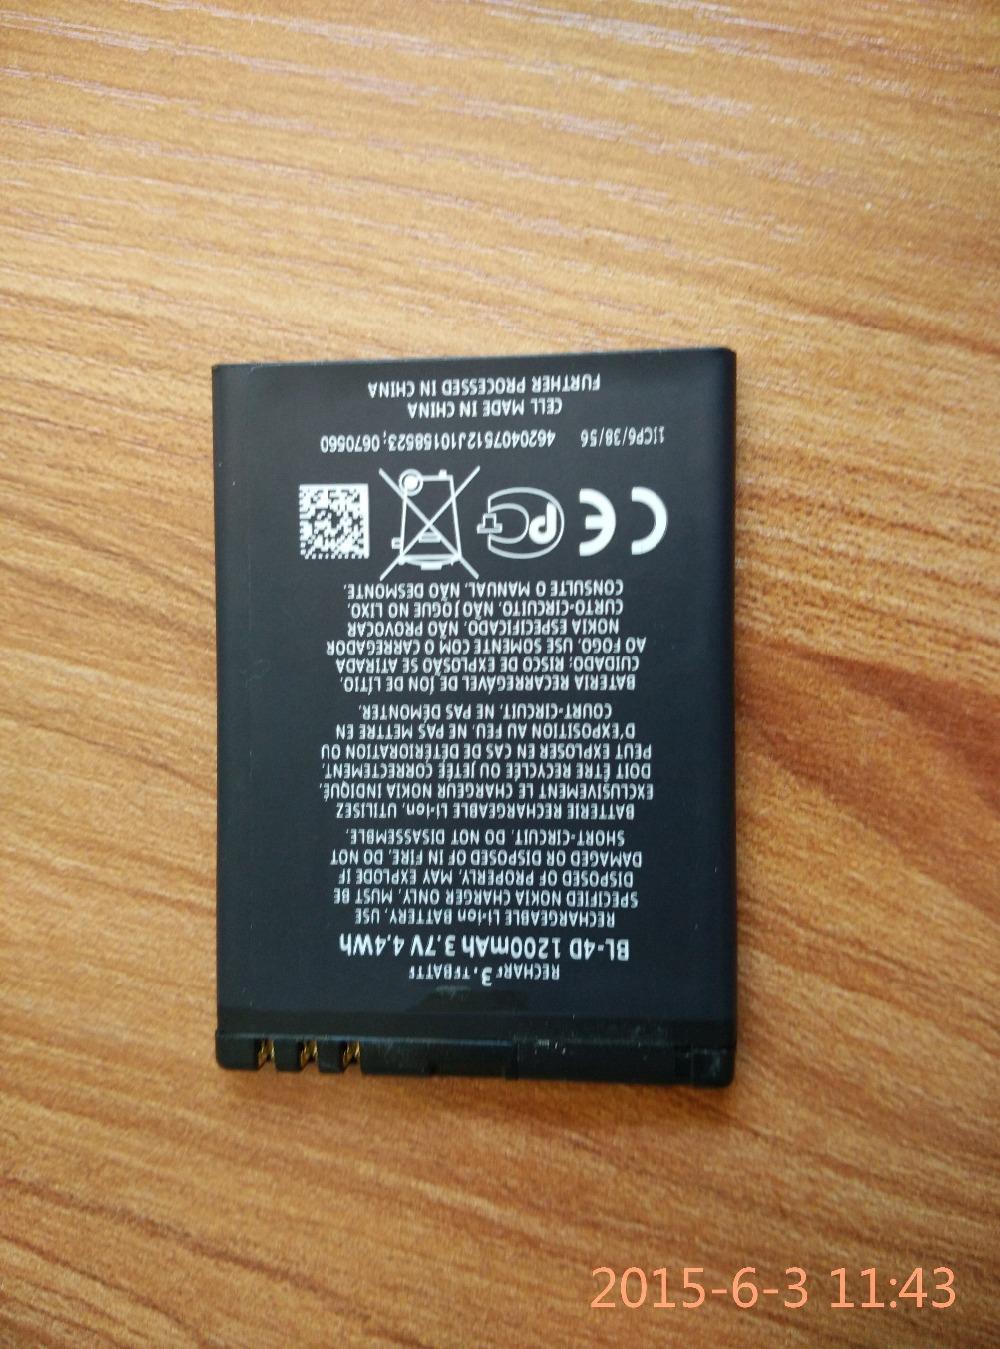 Good Quality BL 4D Battery Full 1200mAh Mobile Phone Battery for NOKIA N97mini N8 E5 E7